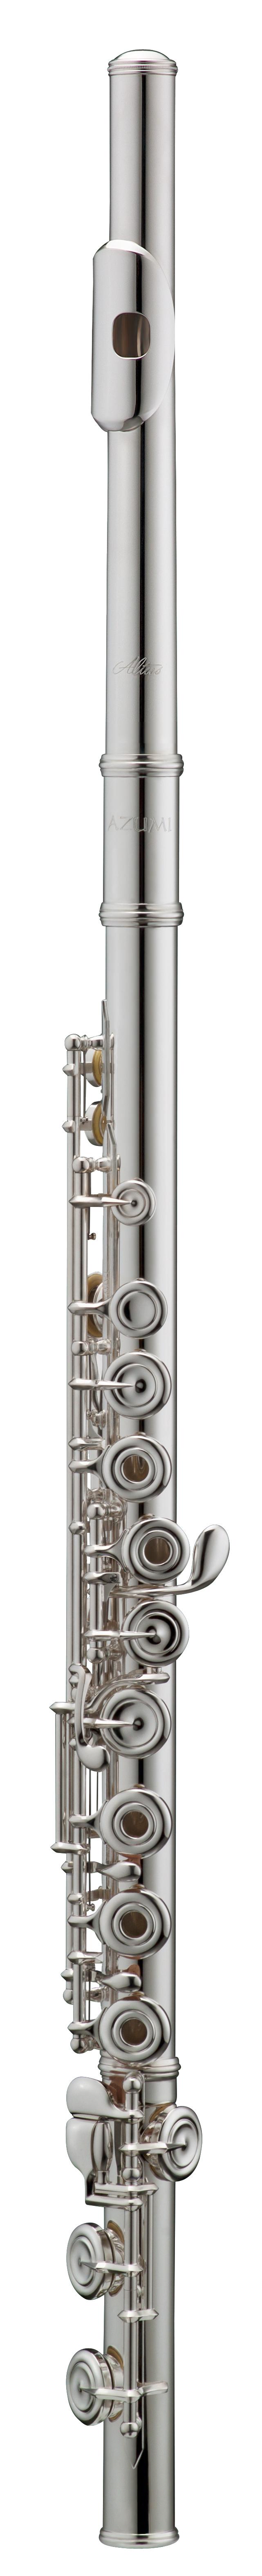 Azumi - AZ-S3 - RCEO - Holzblasinstrumente - Flöten mit E-Mechanik | MUSIK BERTRAM Deutschland Freiburg